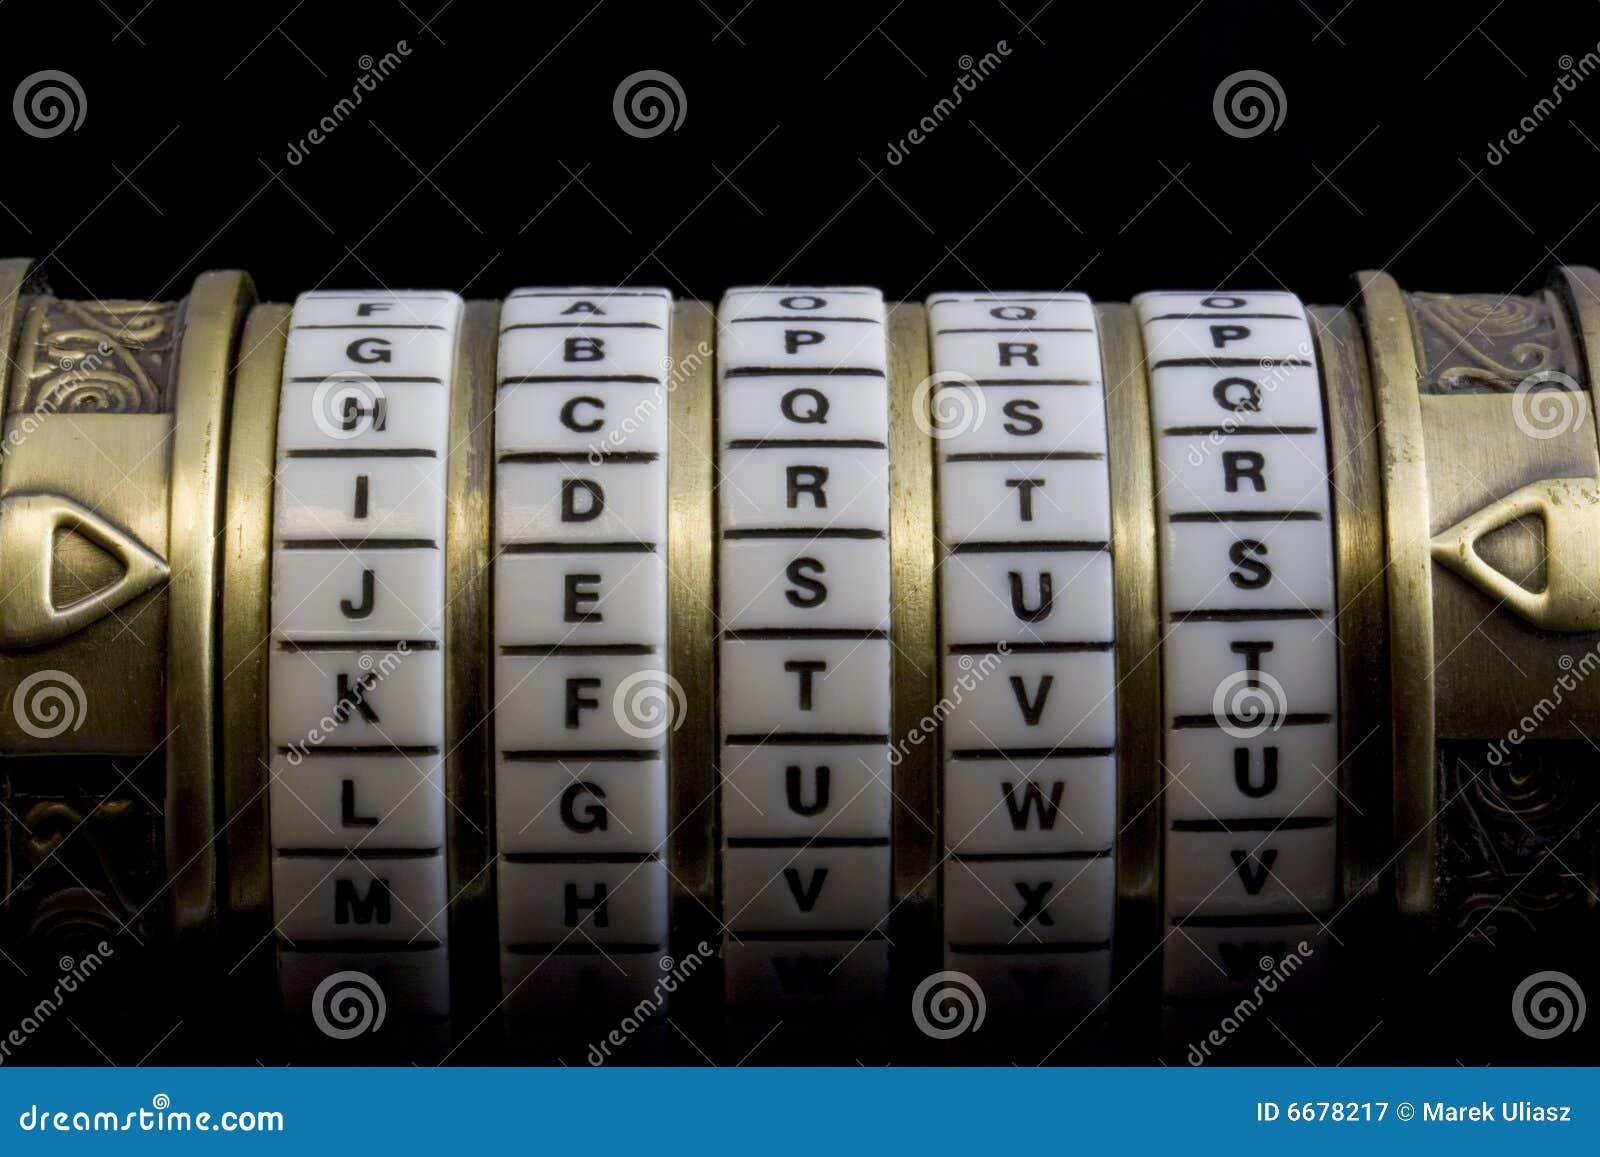 Jesús como palabra de paso al rectángulo del rompecabezas de la combinación